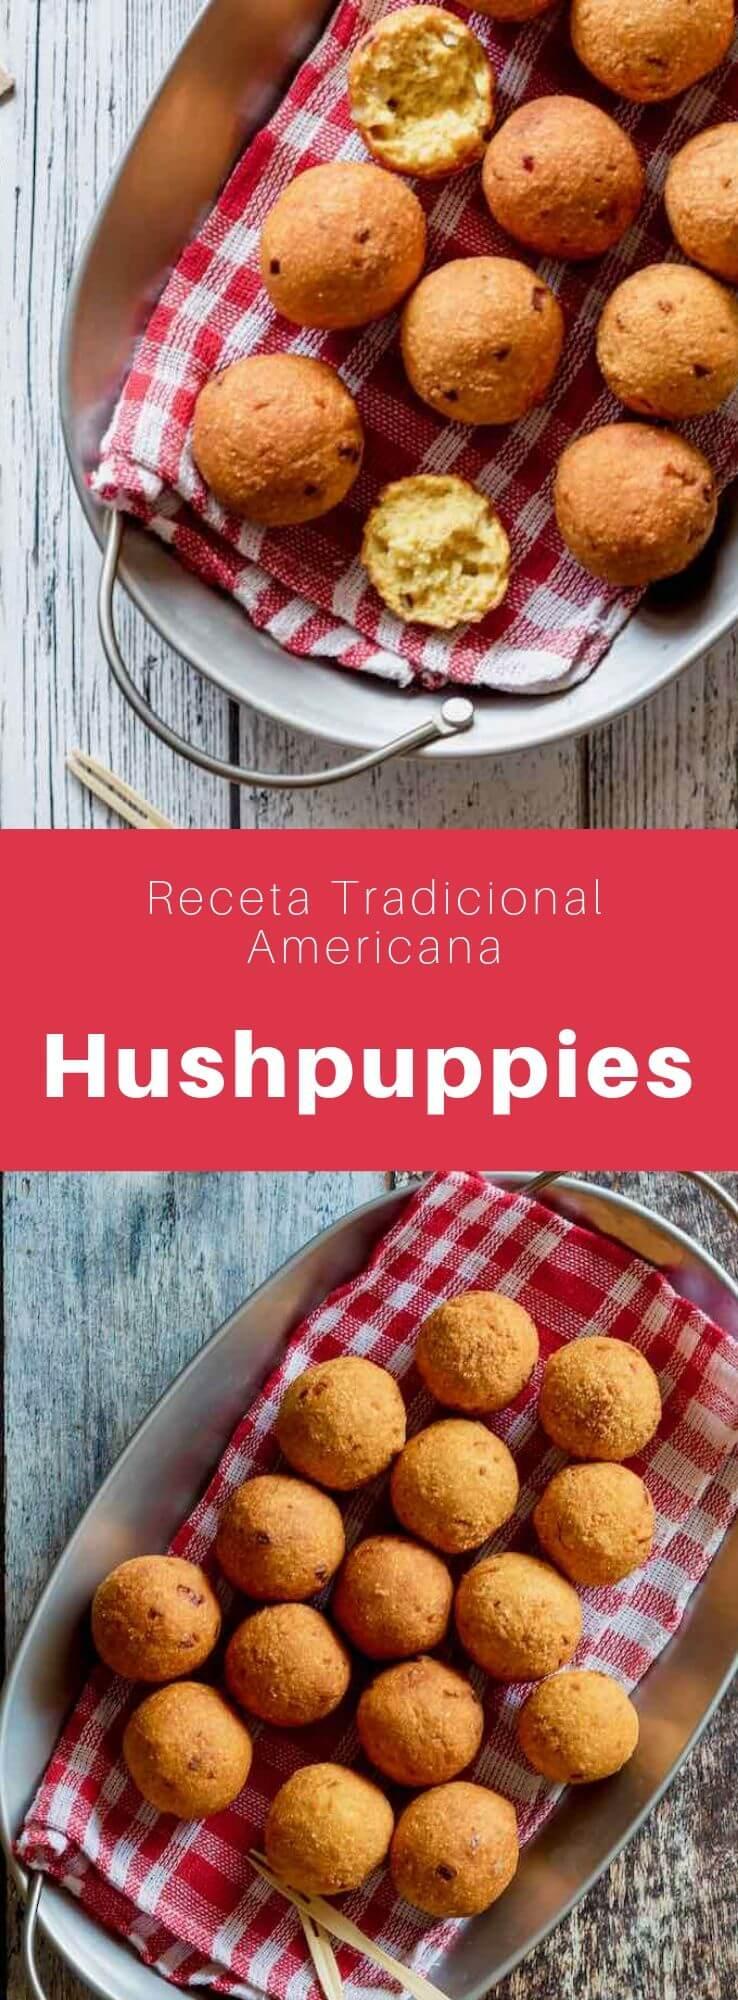 Los hushpuppies son unas deliciosas bolitas fritas hechas de maíz molido (cornmeal) amarillo que a menudo, se sirven como acompañamiento de mariscos.